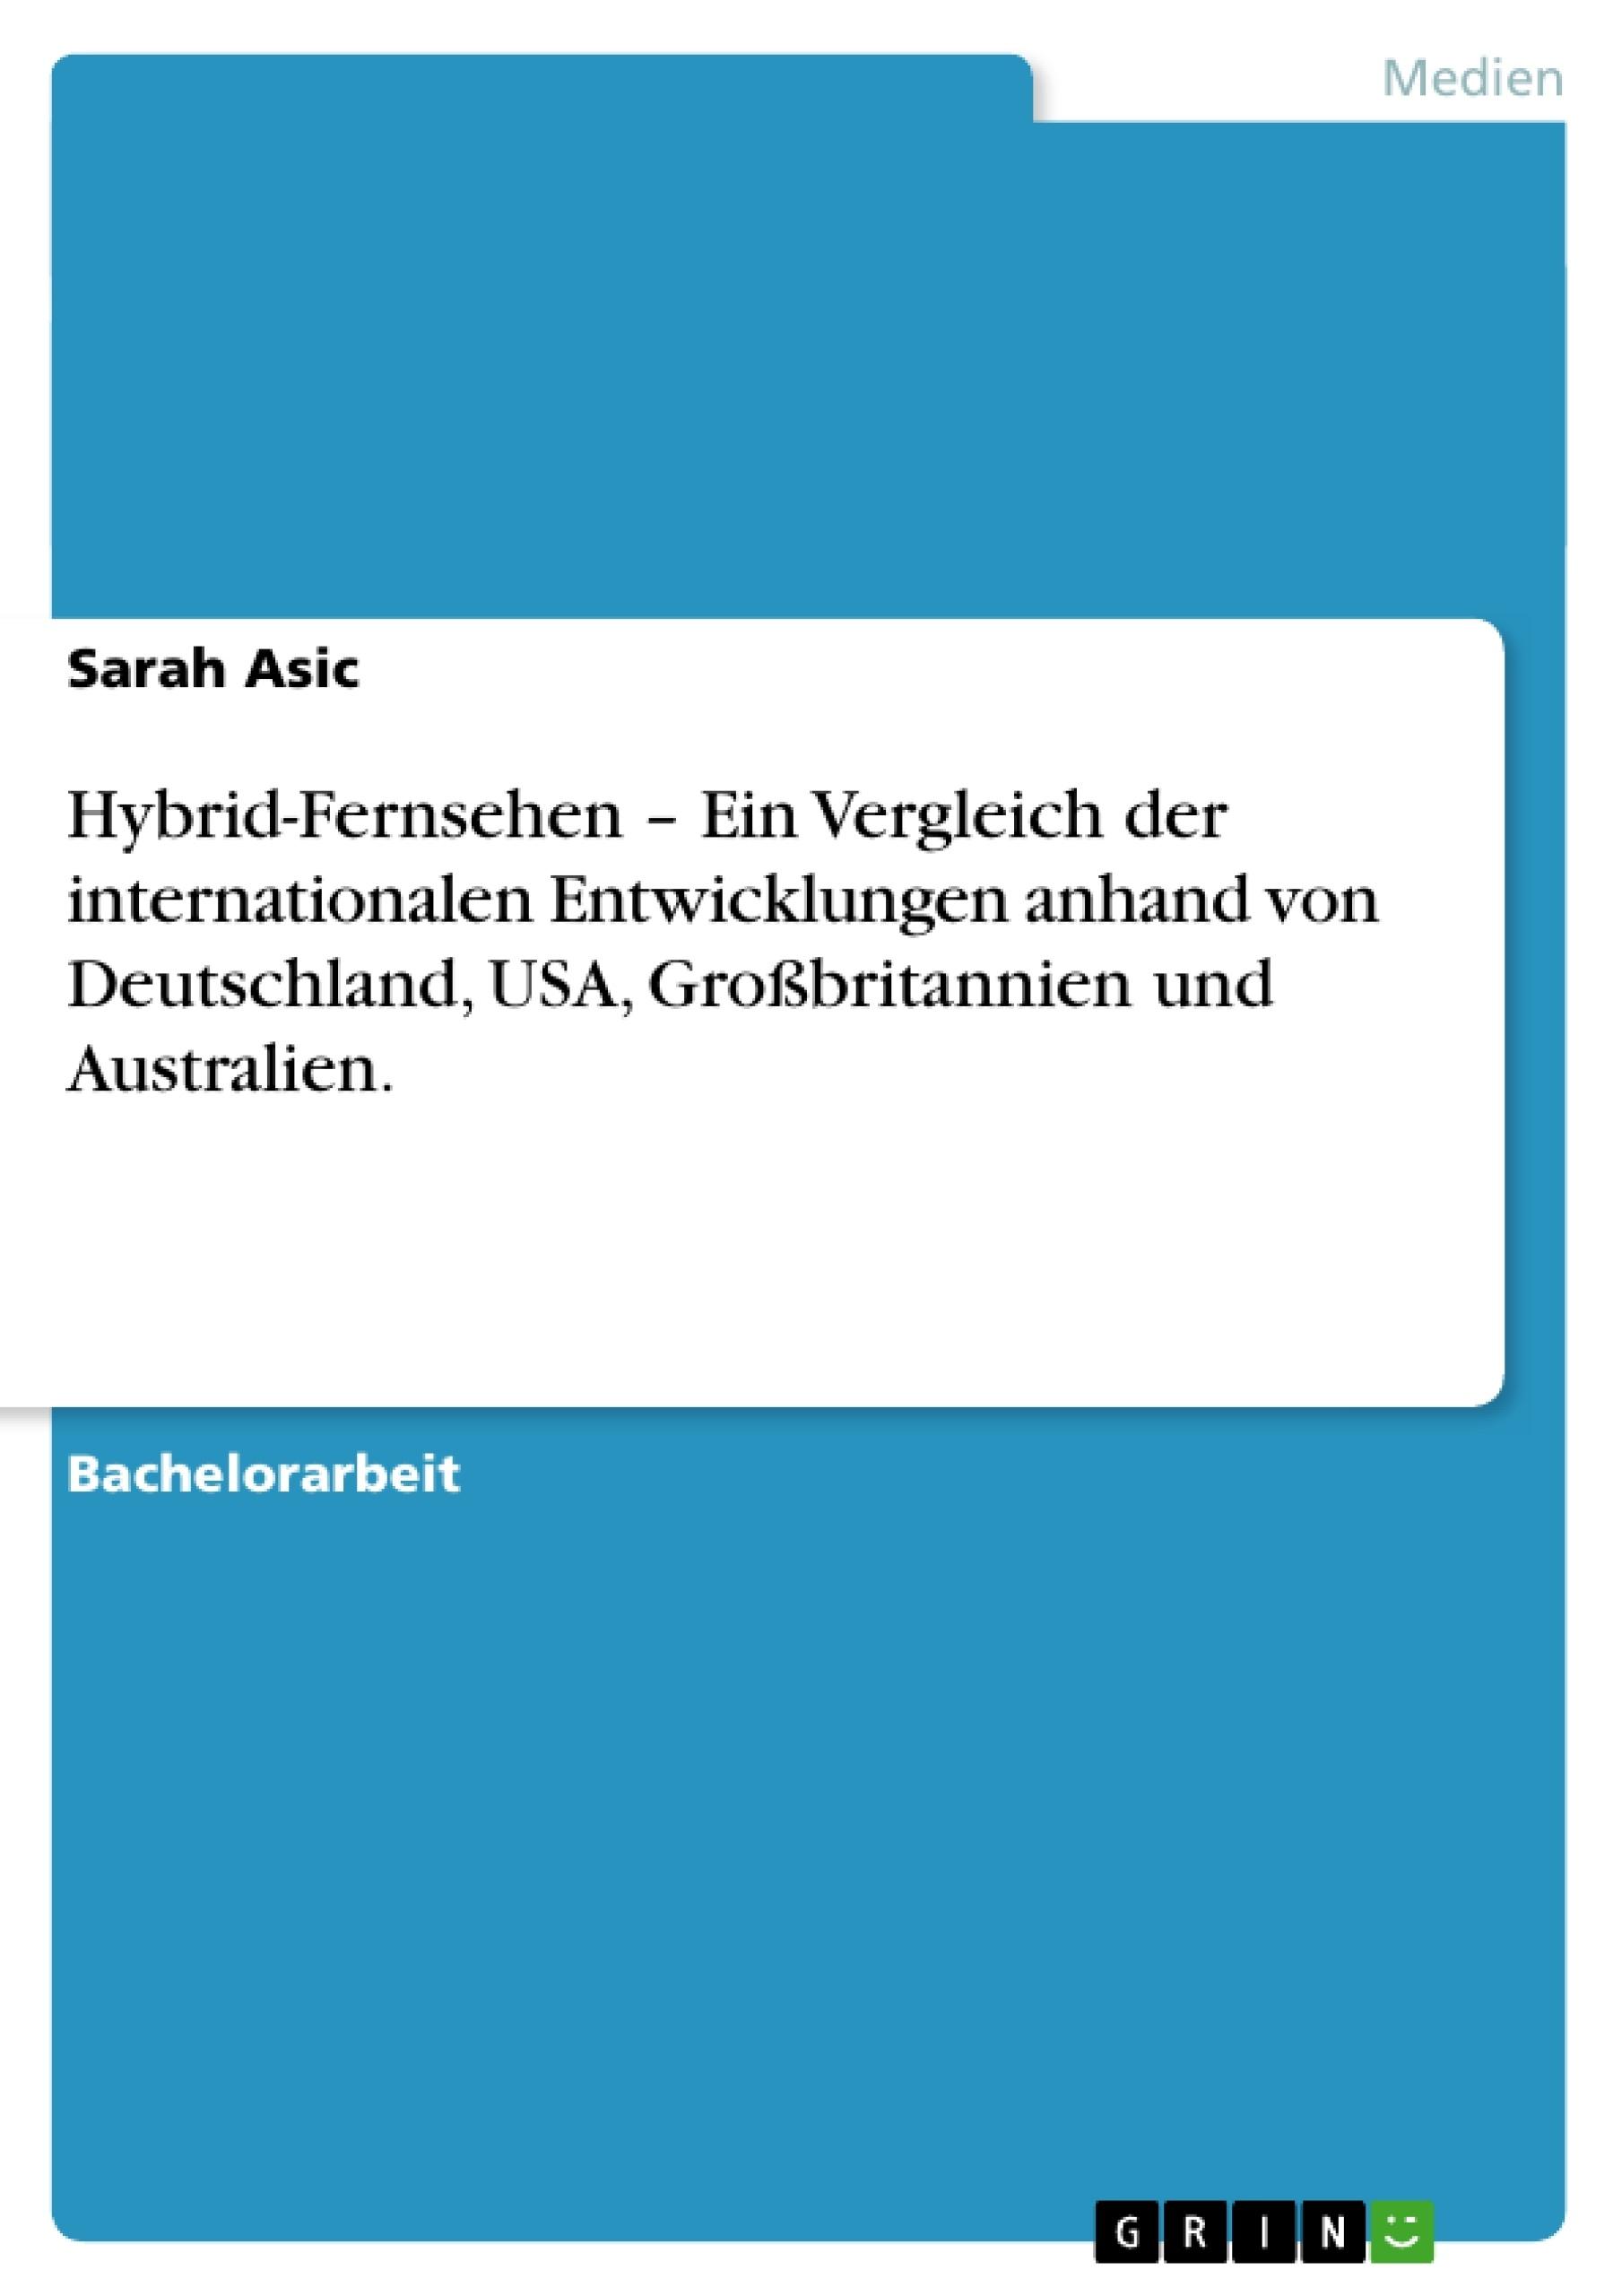 Titel: Hybrid-Fernsehen – Ein Vergleich der internationalen Entwicklungen anhand von Deutschland, USA, Großbritannien und Australien.